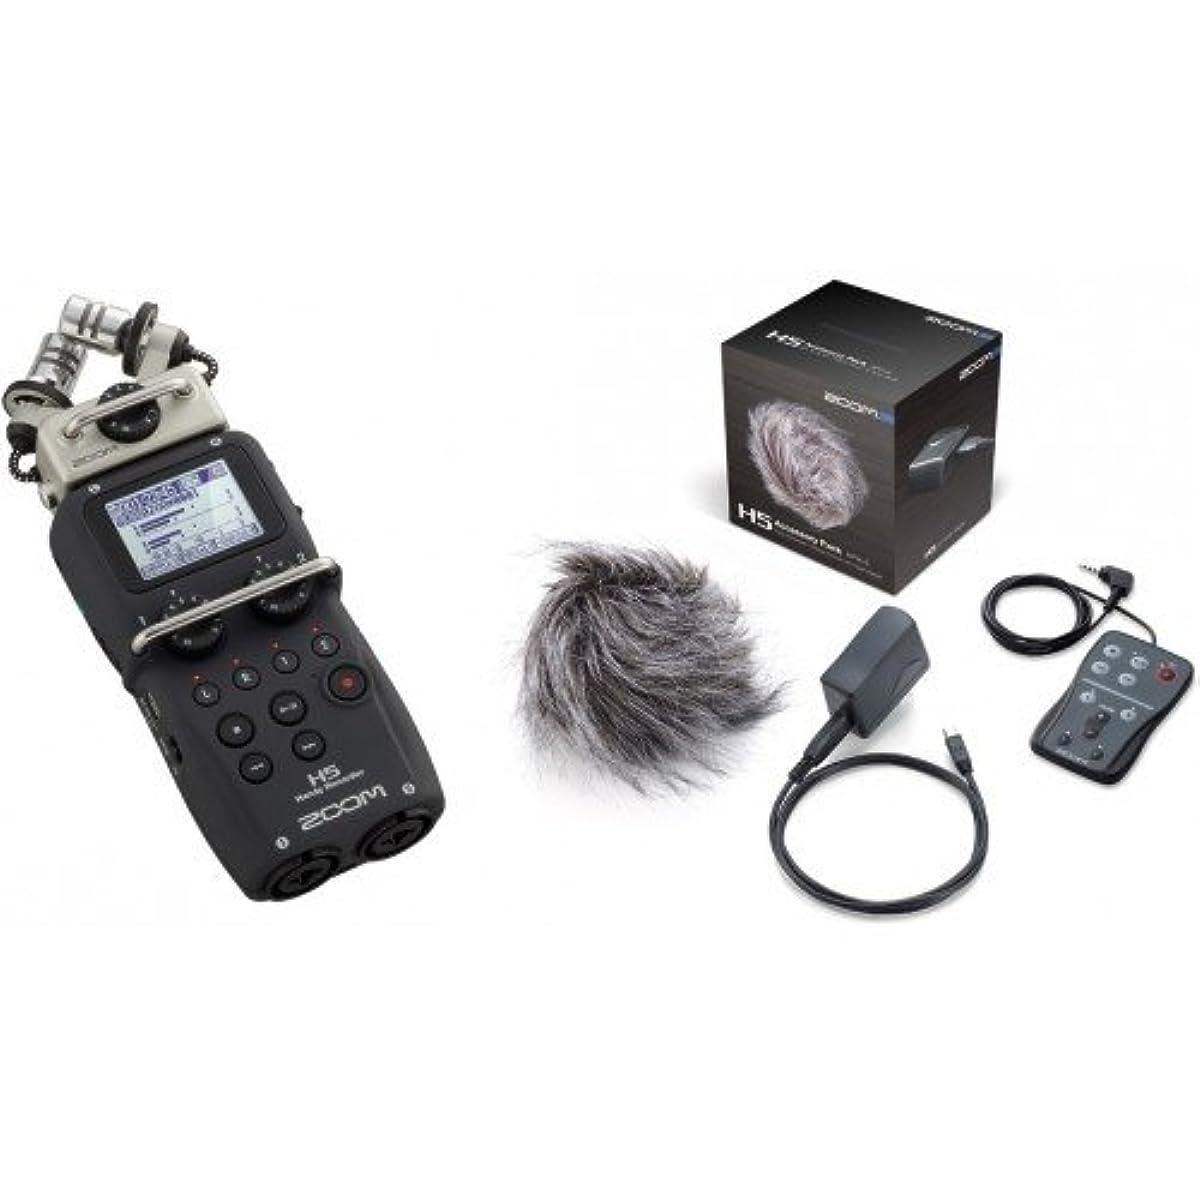 [해외] ZOOM H5 핸디 레코더 APH-5 H5전용 액세서리 패키지 부착 세트